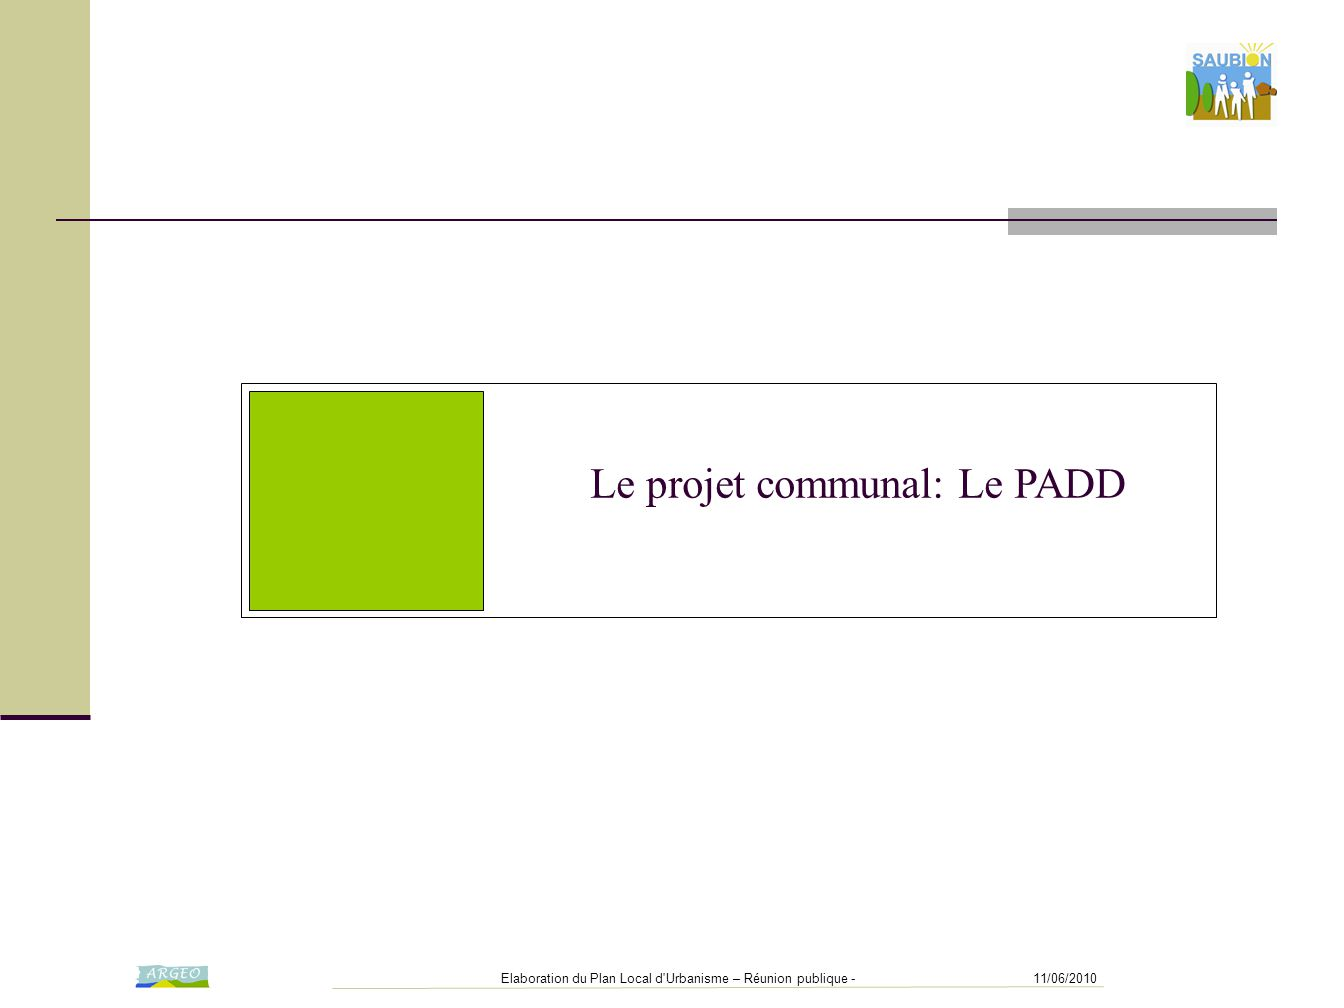 11/06/2010Elaboration du Plan Local d'Urbanisme – Réunion publique - Le projet communal: Le PADD